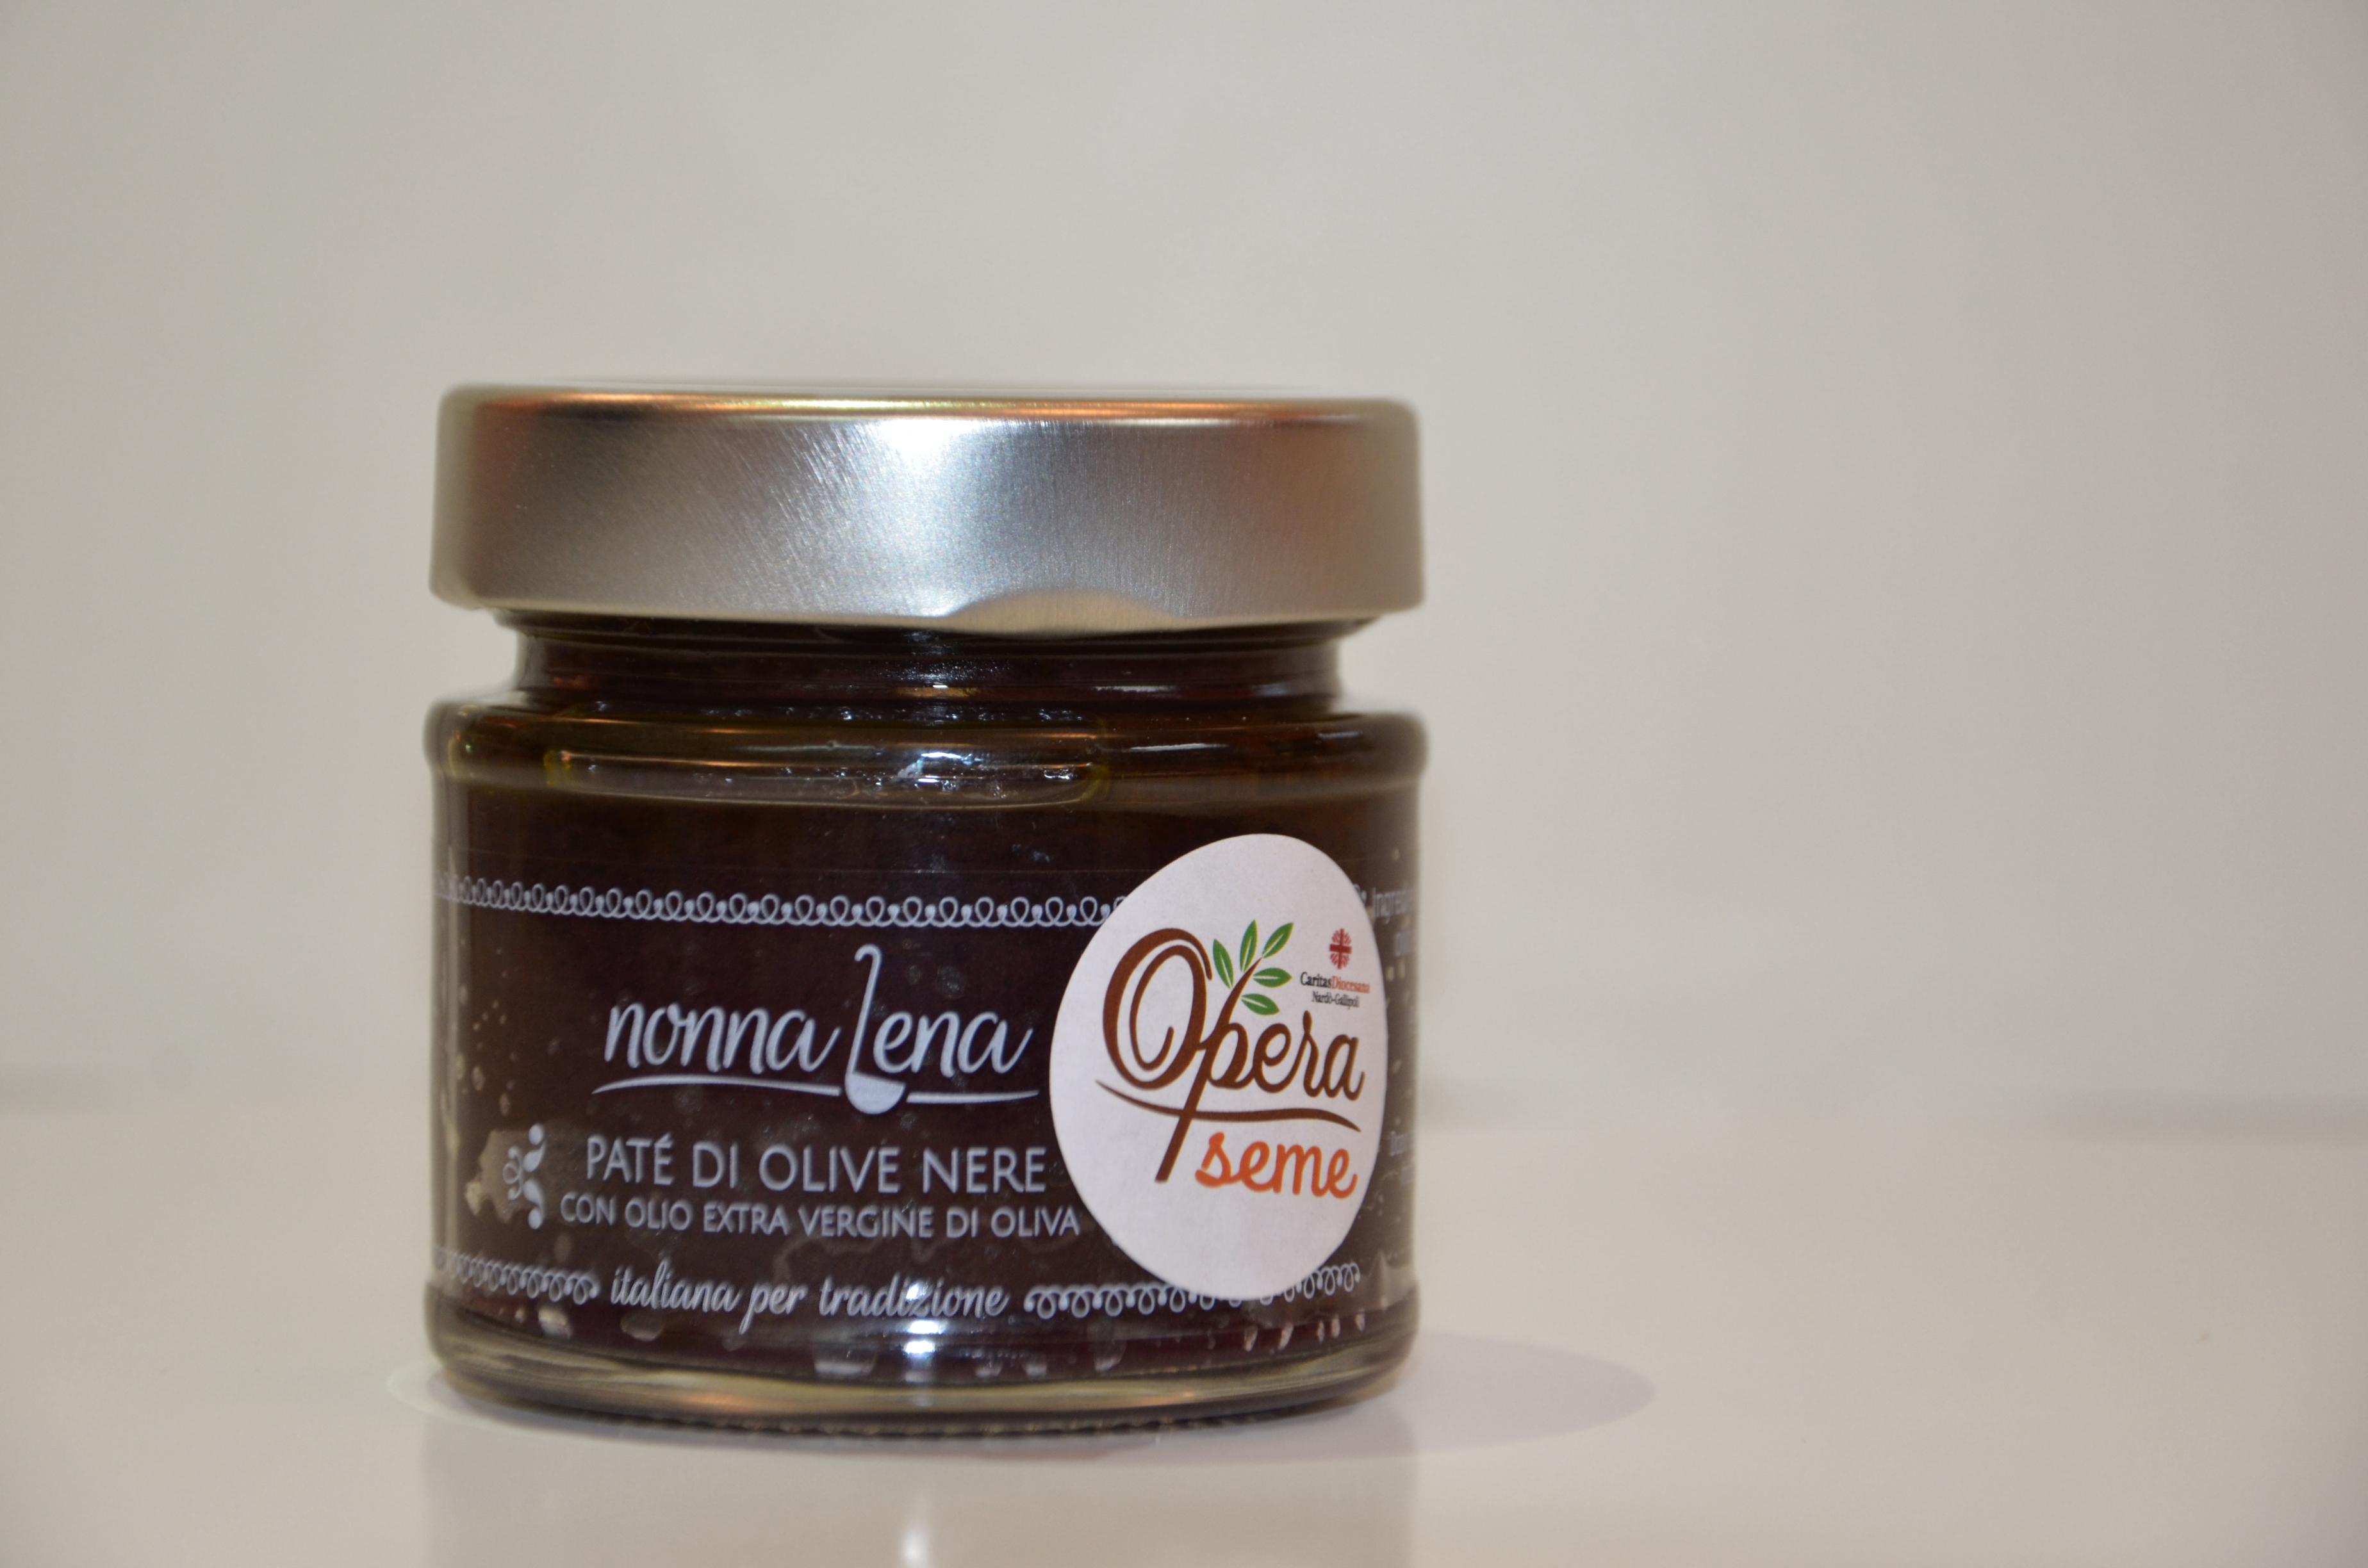 Patè di olive nere Nonna Lena